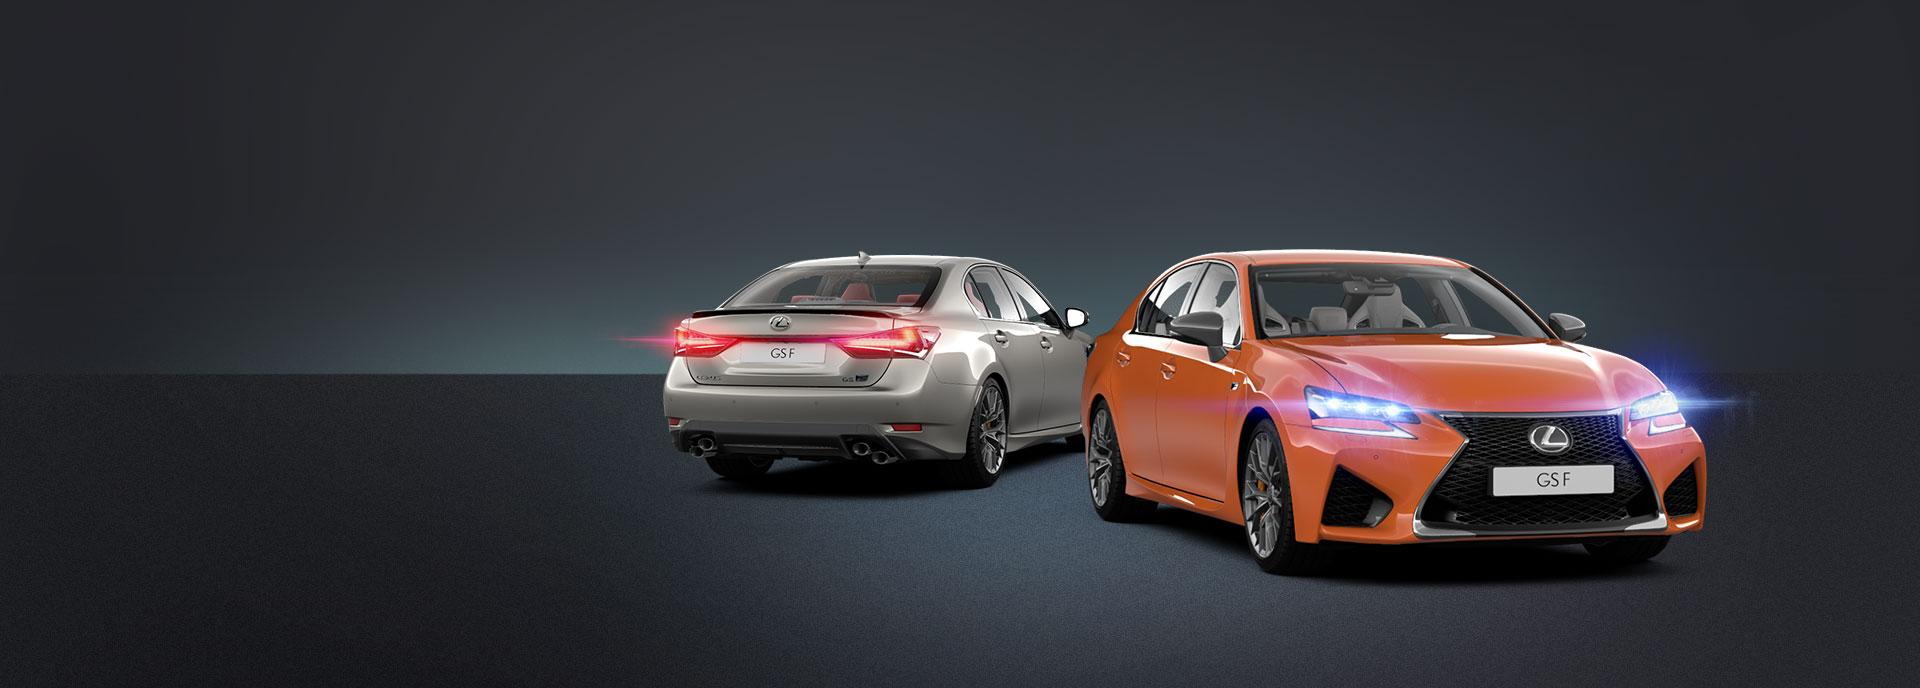 Achteraanzicht van een grijze en vooraanzicht van een oranje GS F